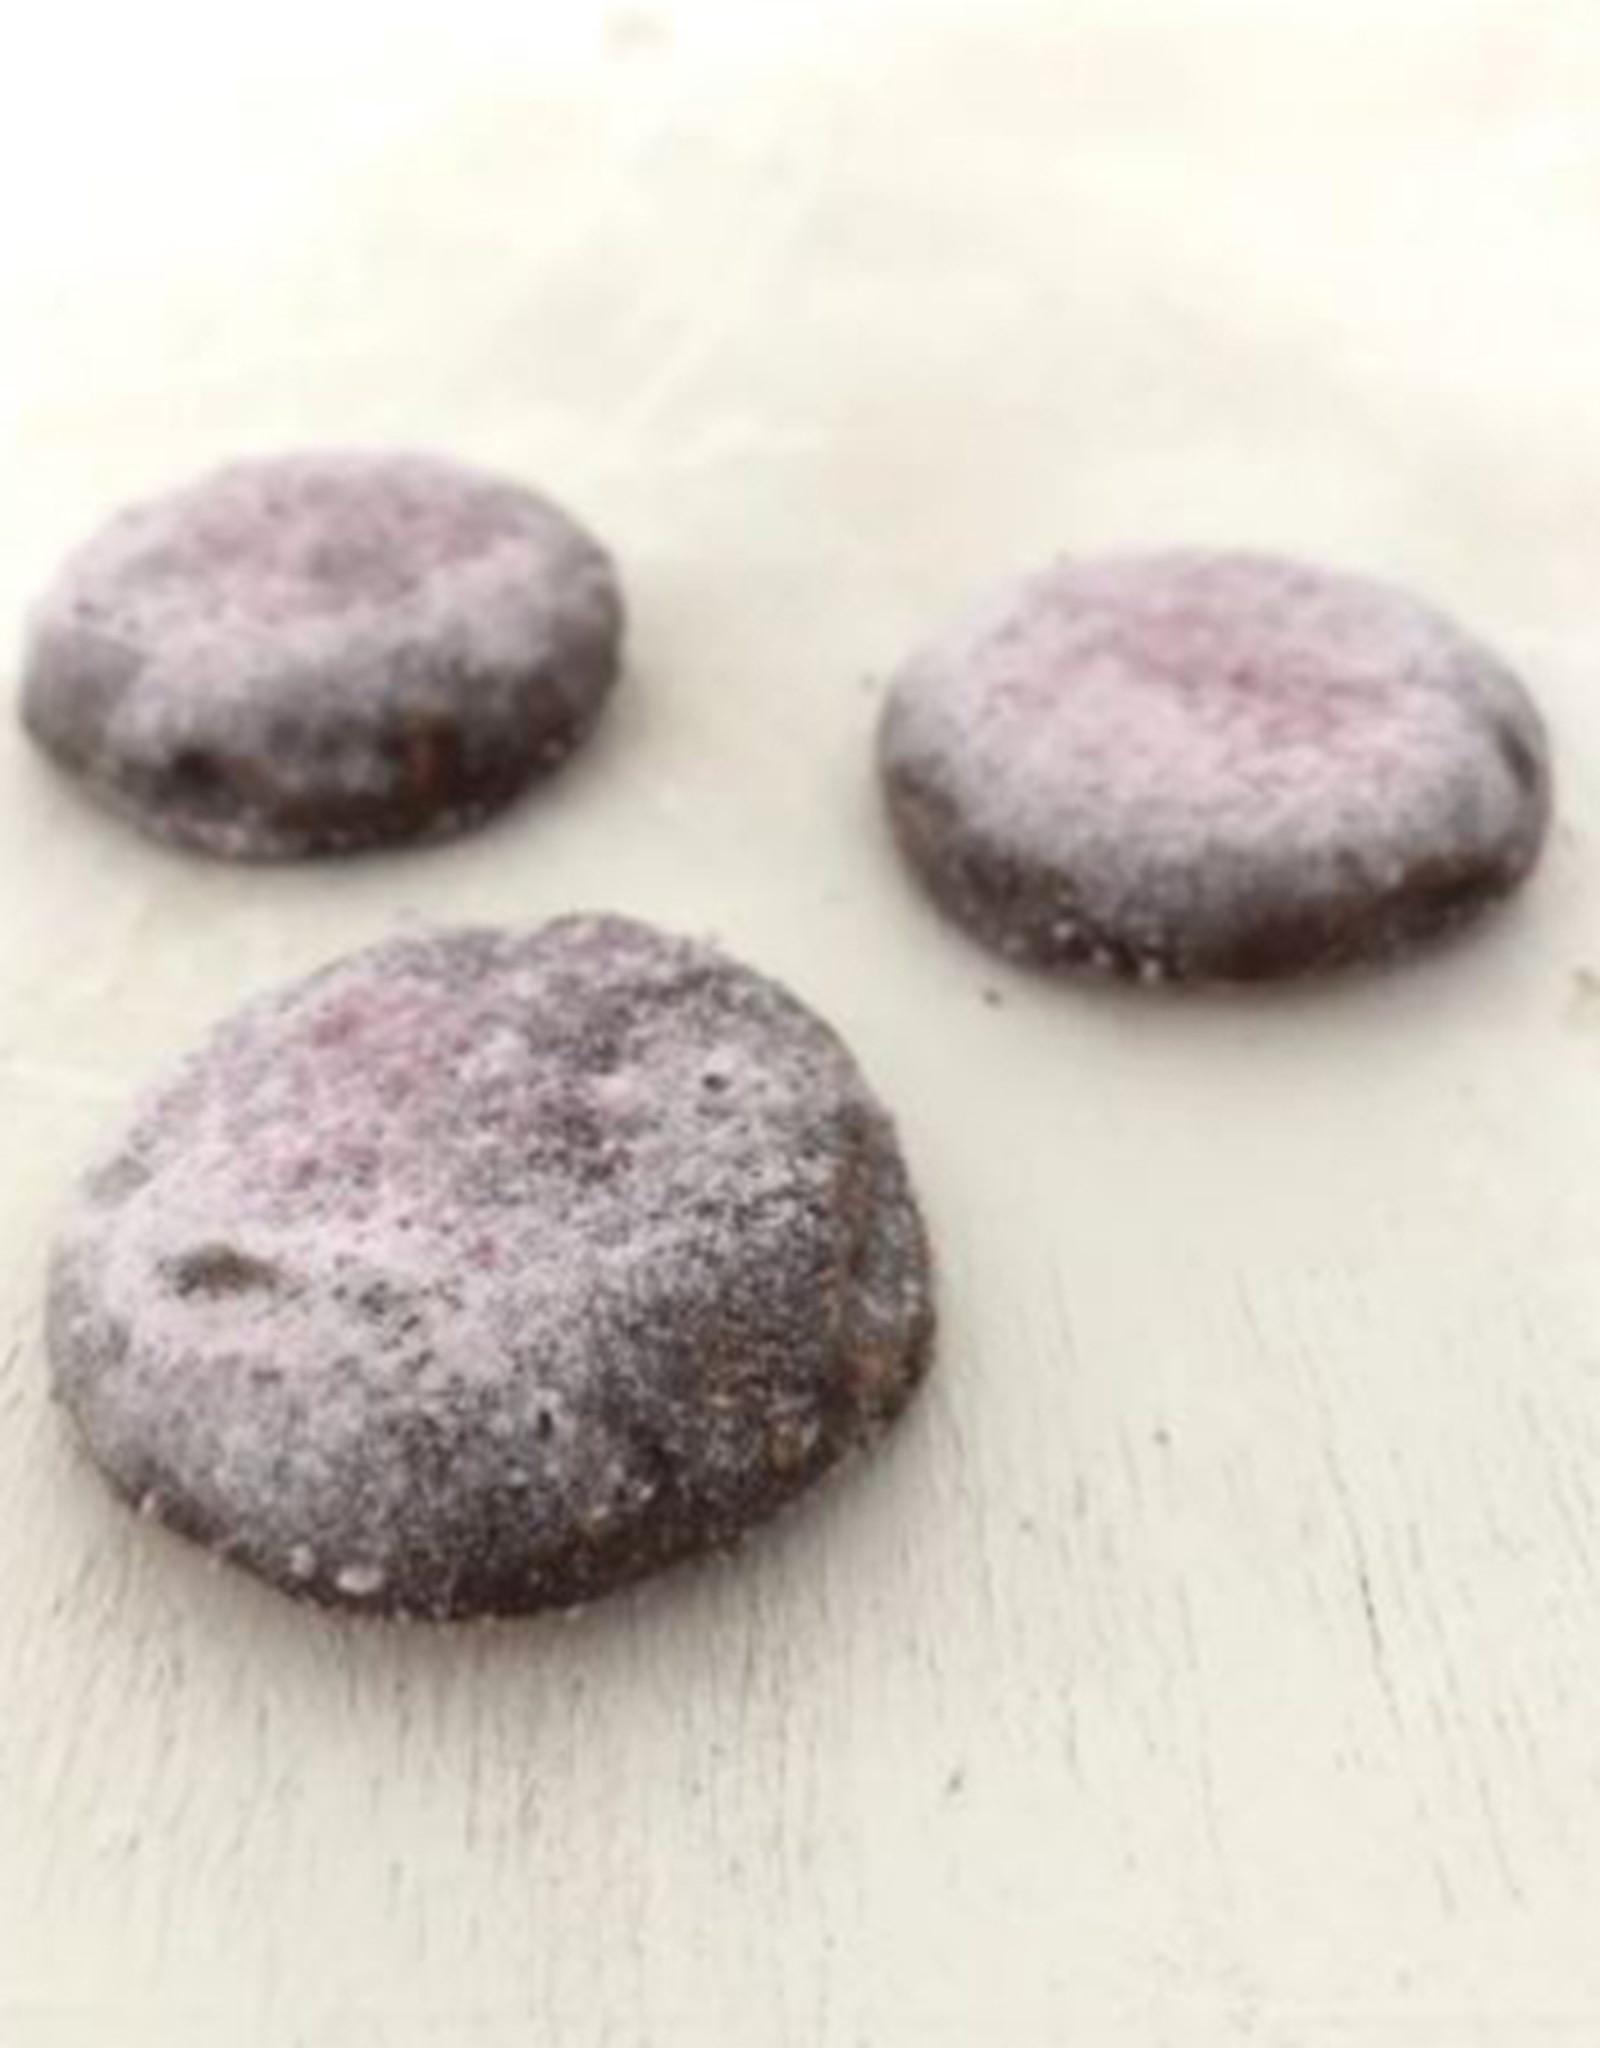 Larmuseau Sneeuwballen of rotte pattaten cuberdon - 10 stuks